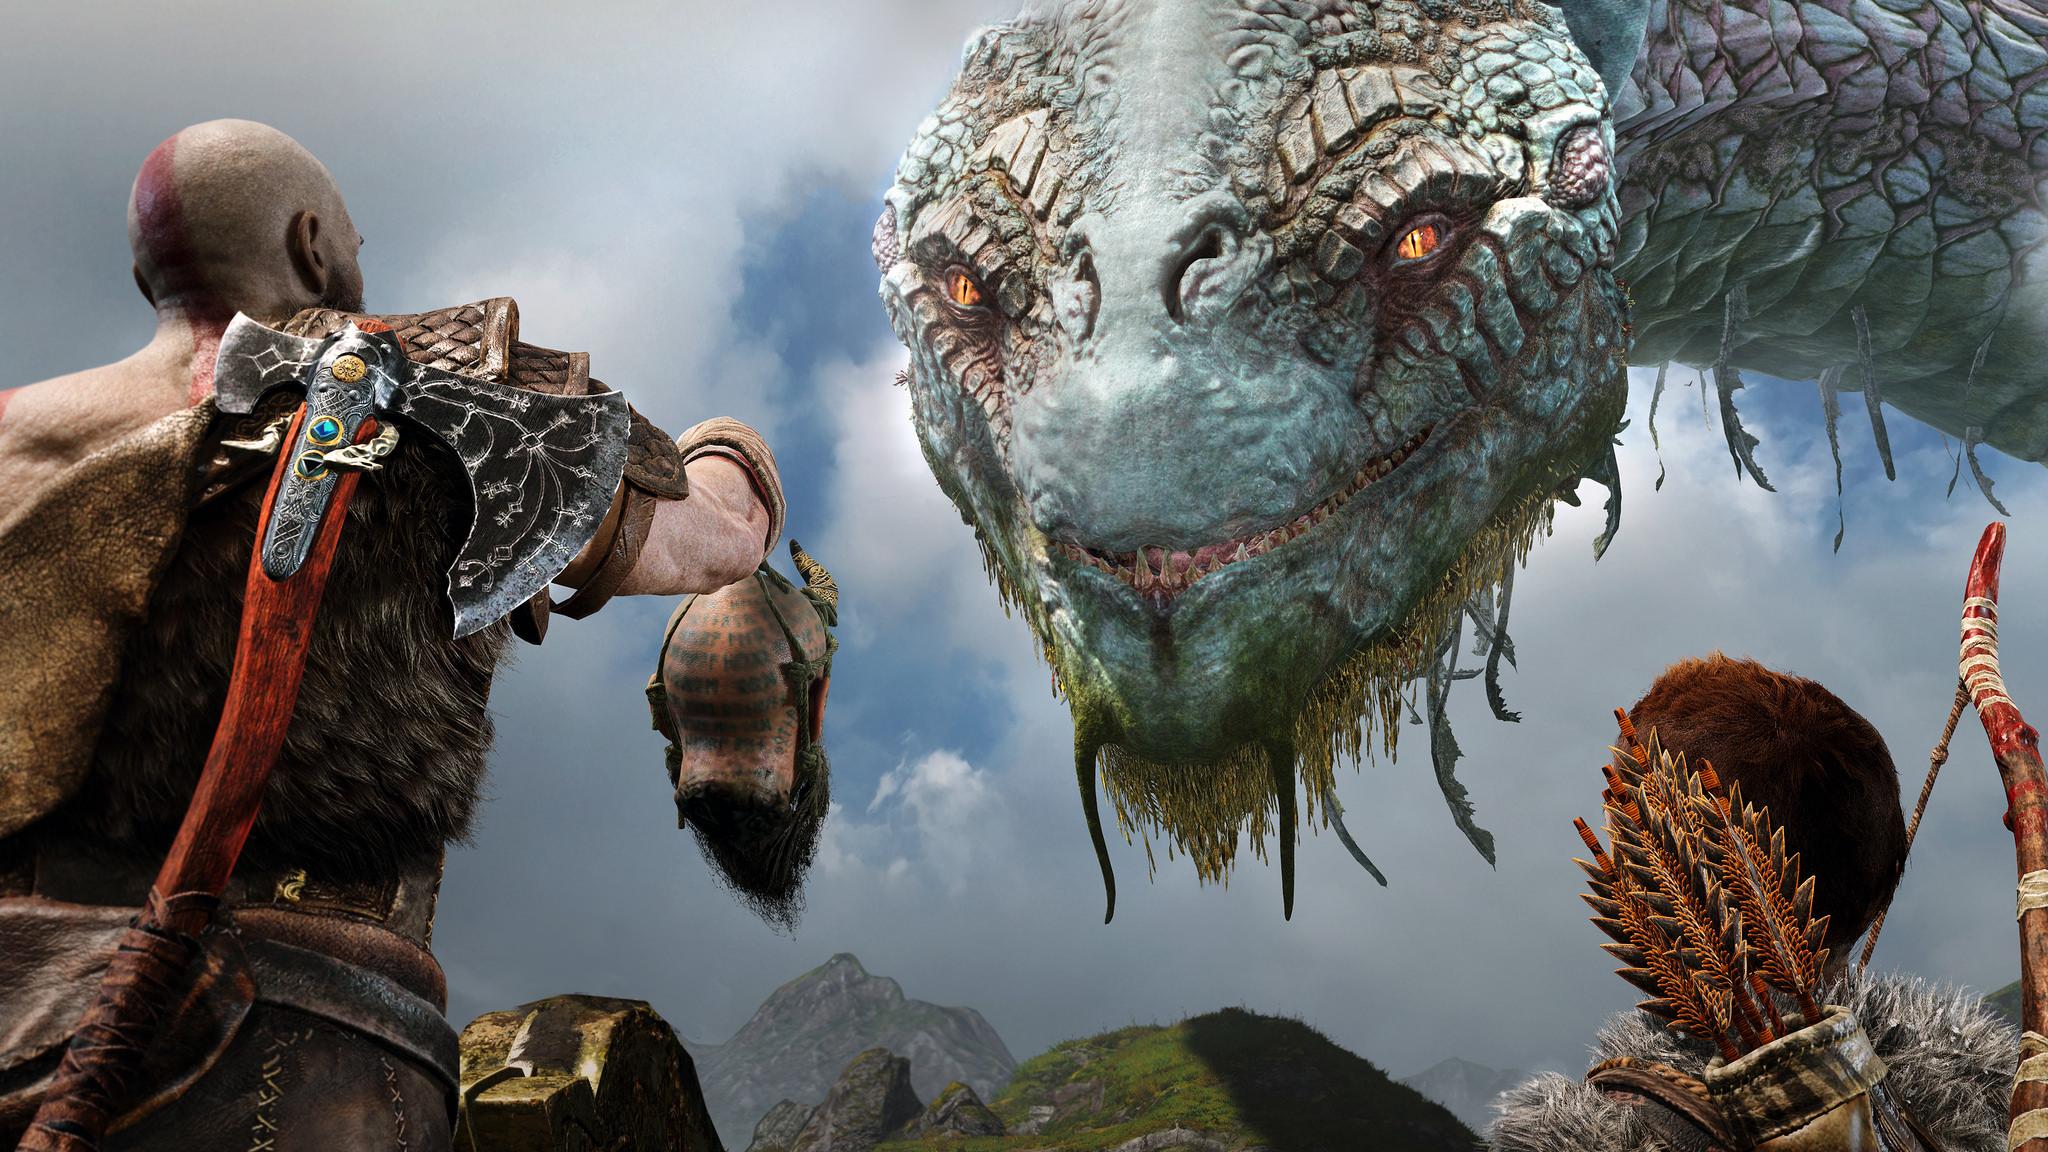 God of War vyjde skutečně 20. dubna 39814594522 17f9fbbe81 k